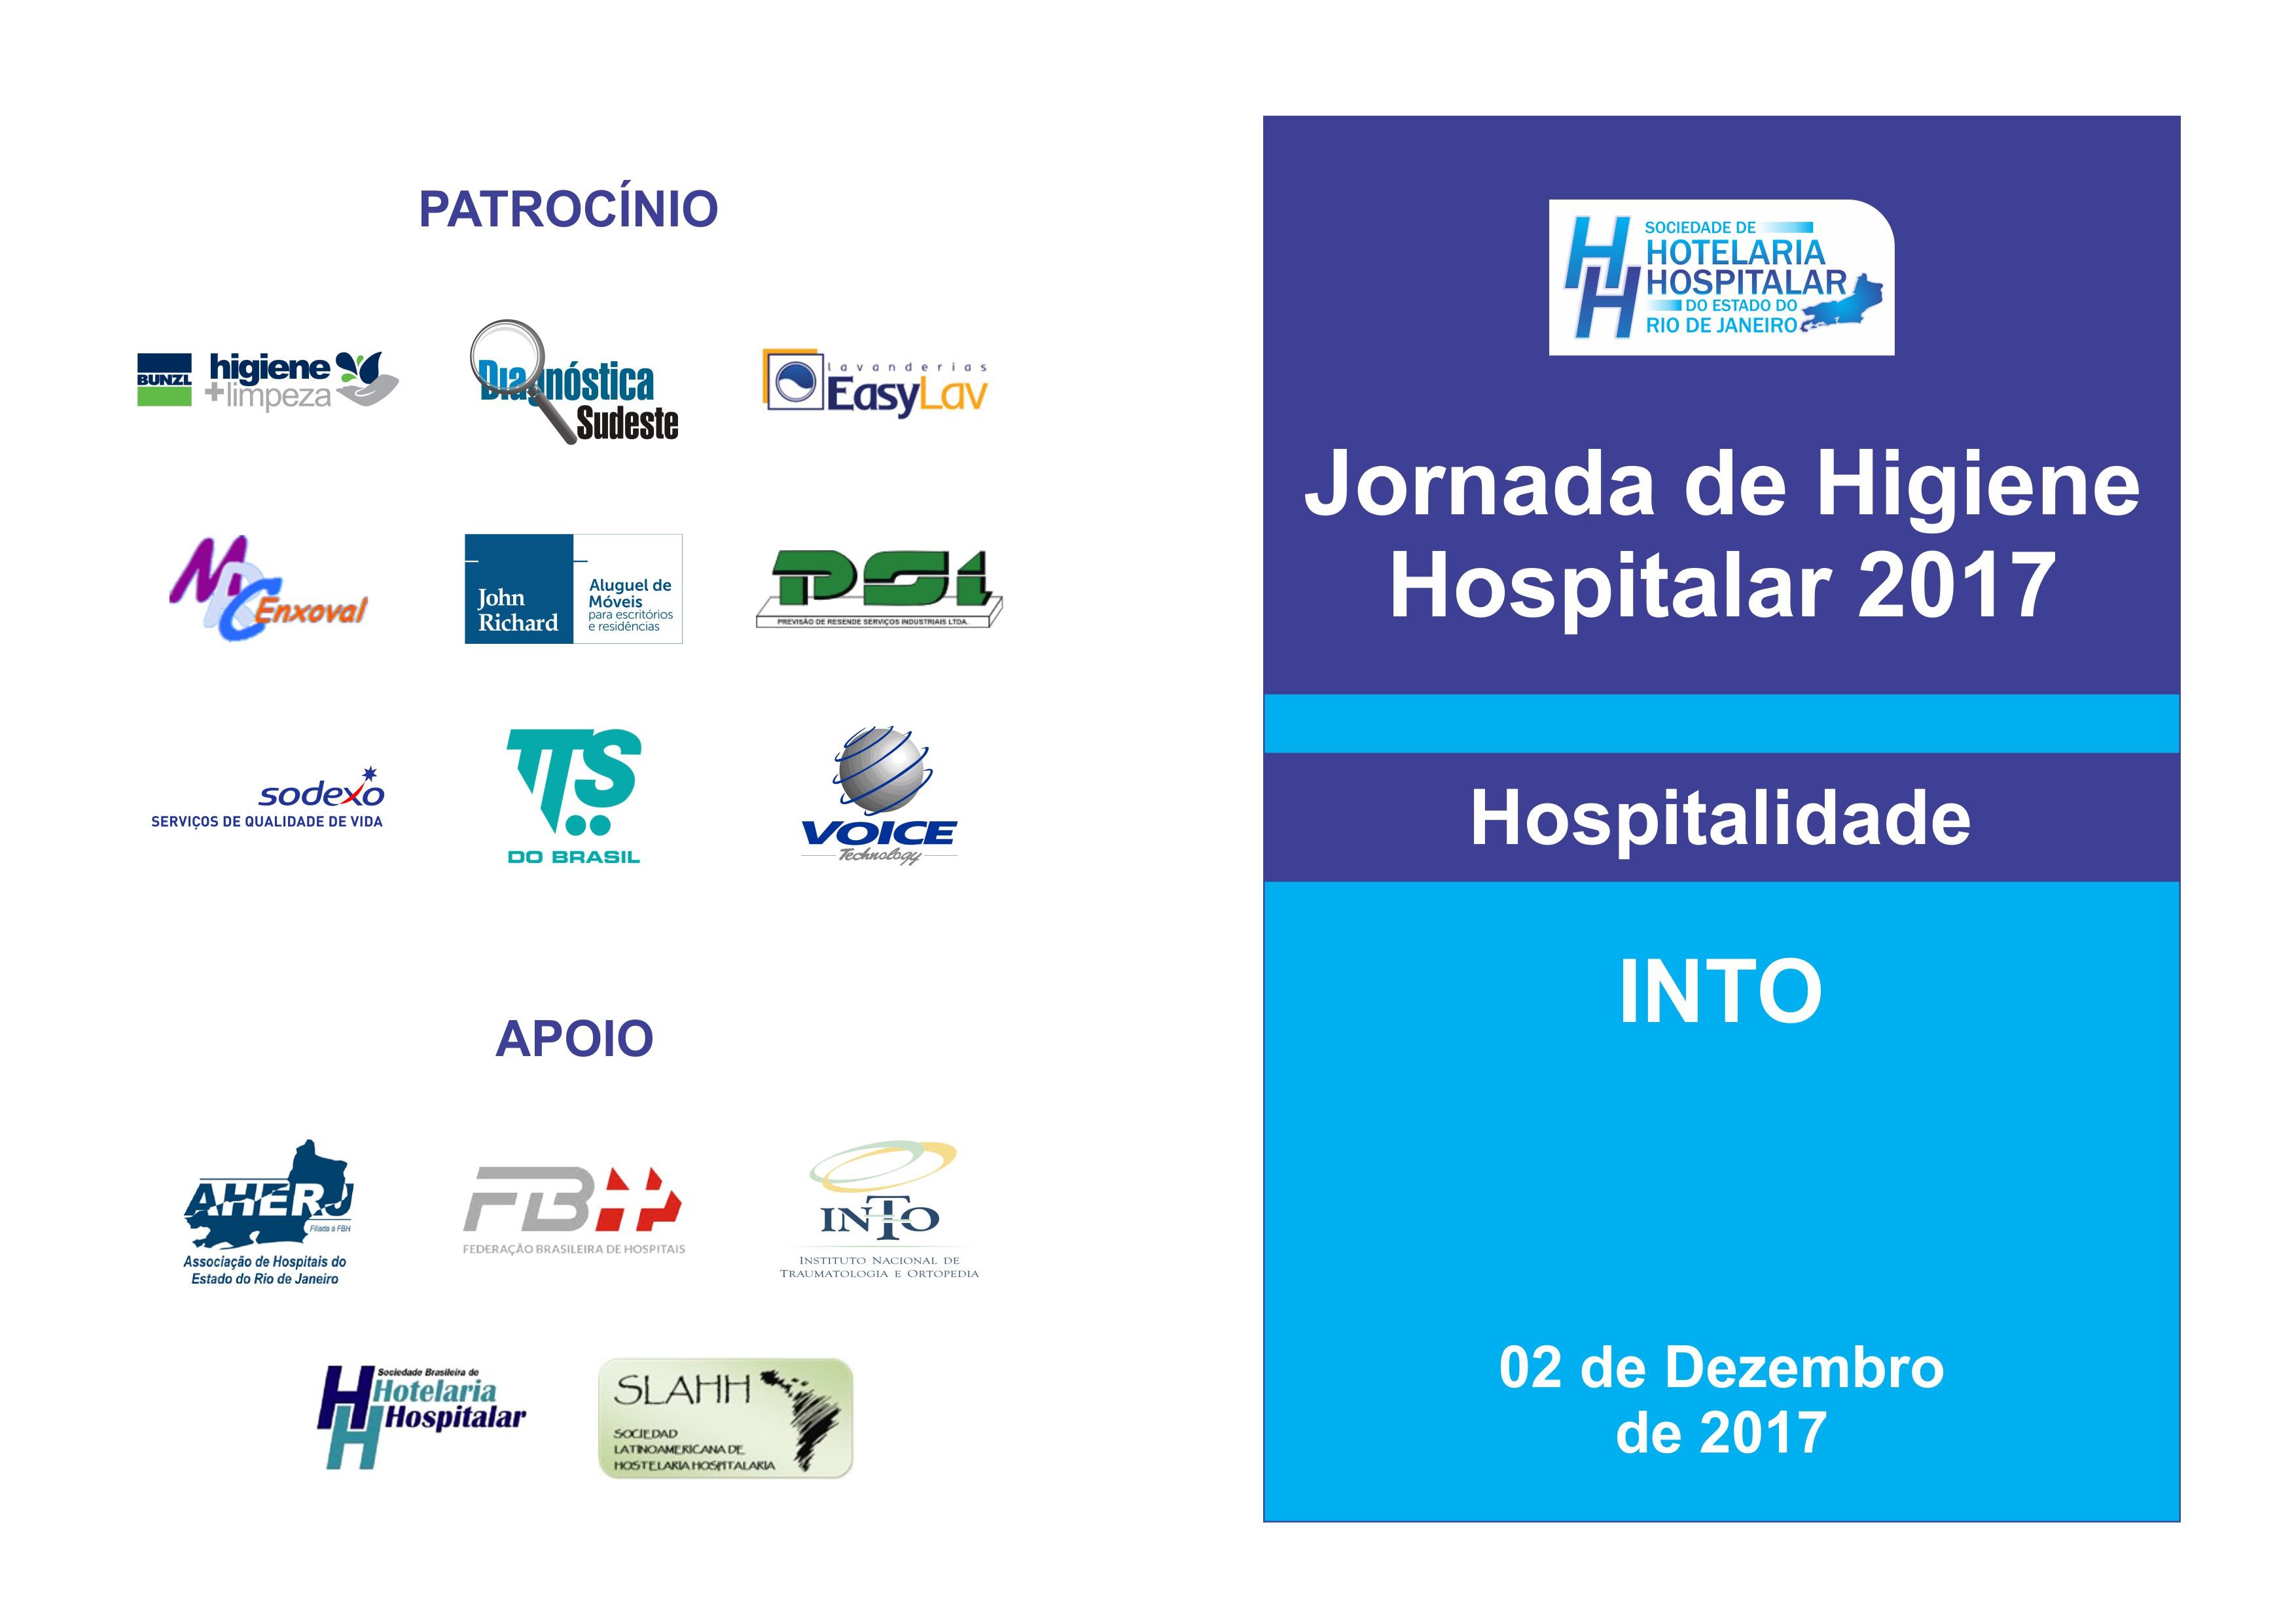 Folder_Jornada_de_Higiene_Hospitalar_2017_externo(1)